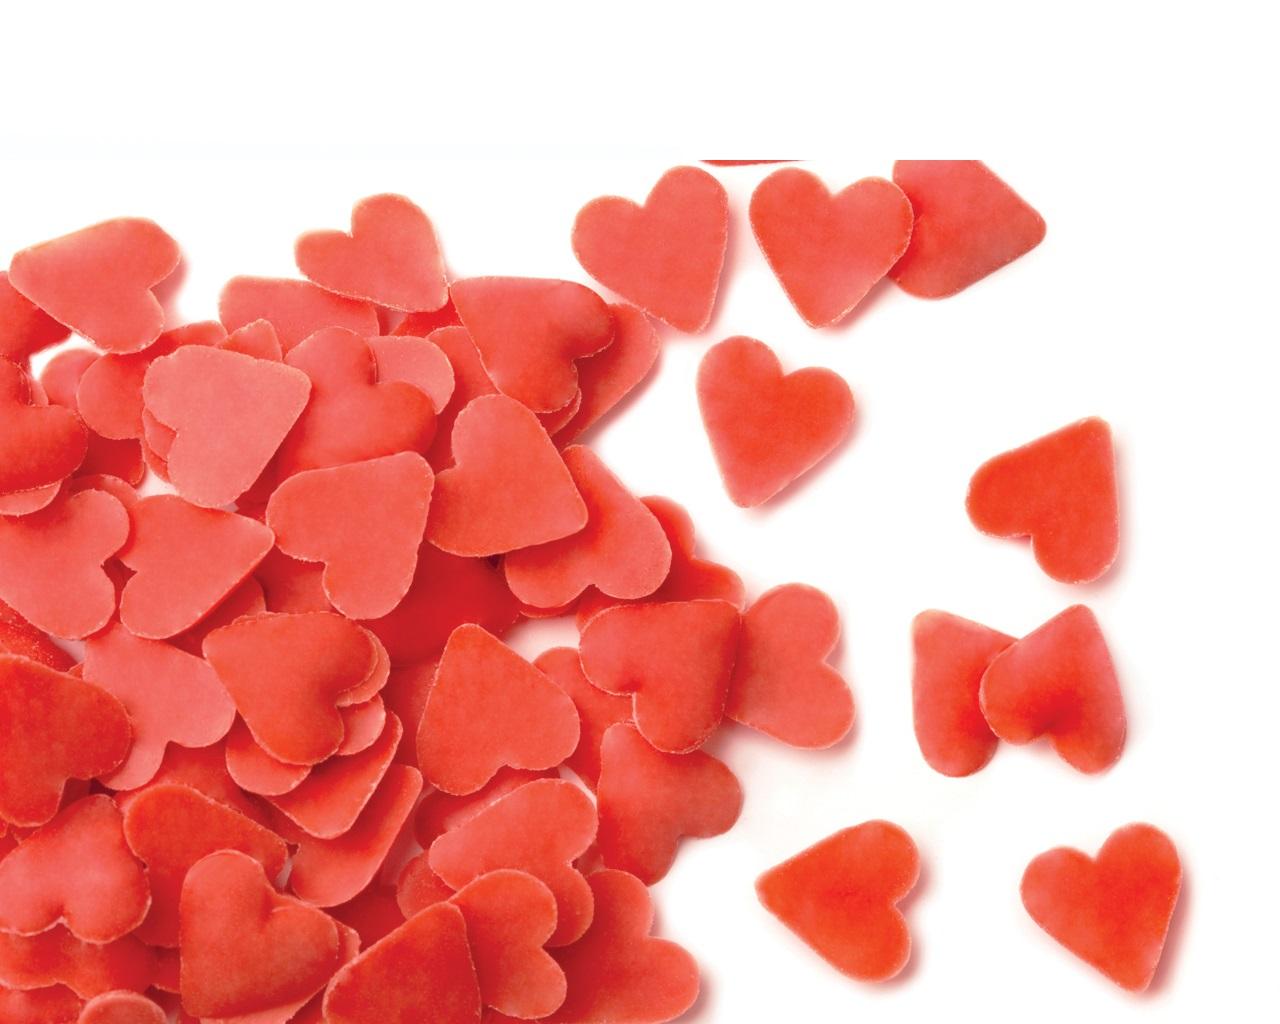 Afbeelding van Dobla Chocoaldedecoratie Sprinkles Hartjes Rood 0,6kg